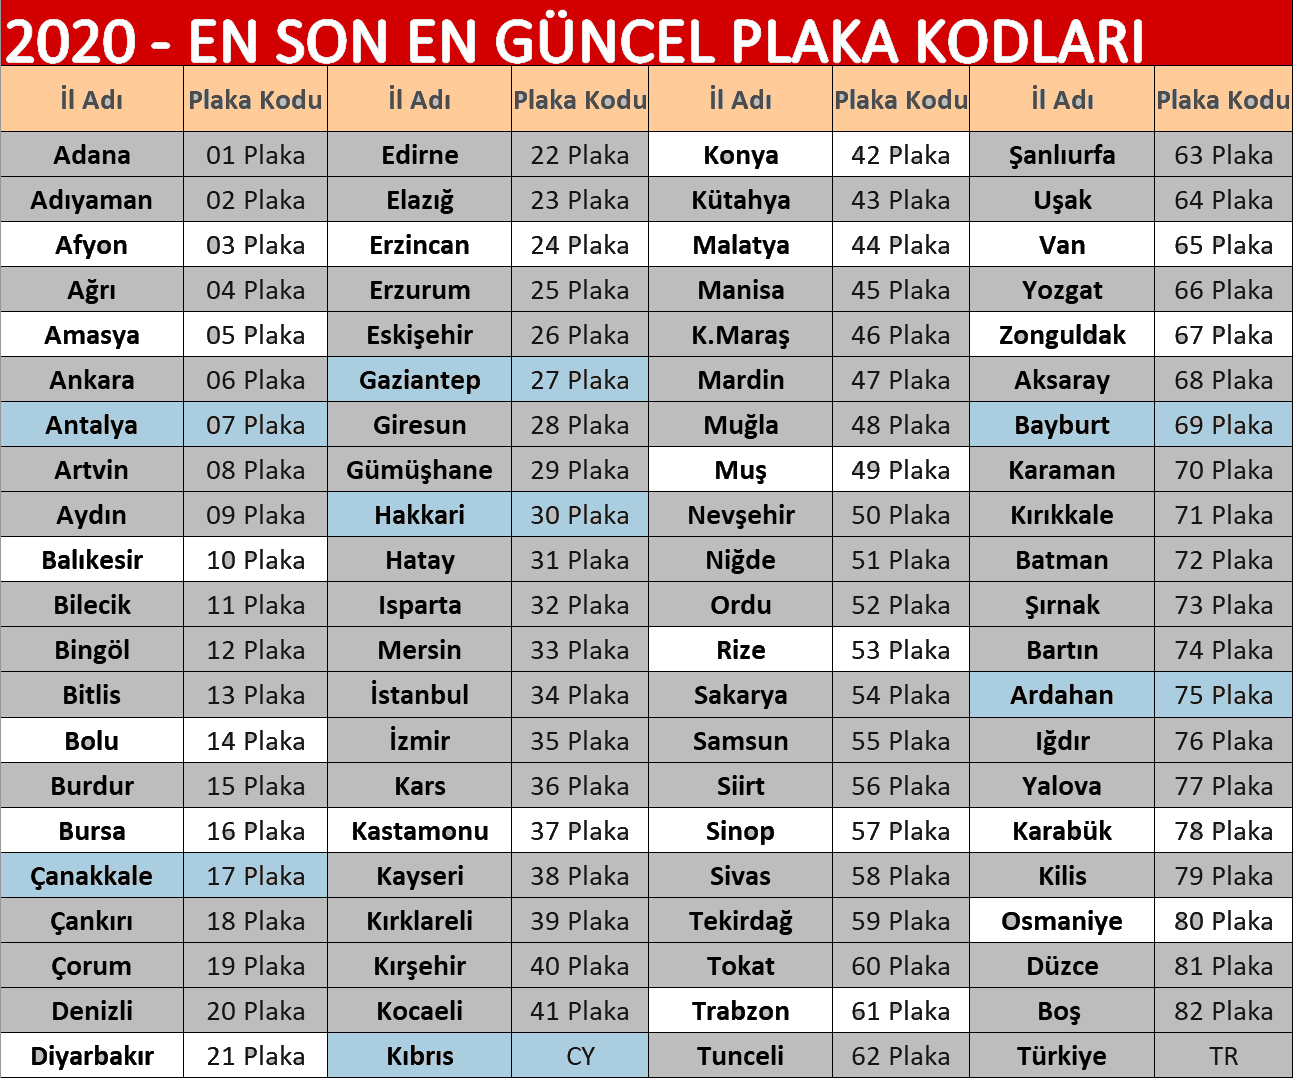 Türkiye illeri plaka numaraları listesi